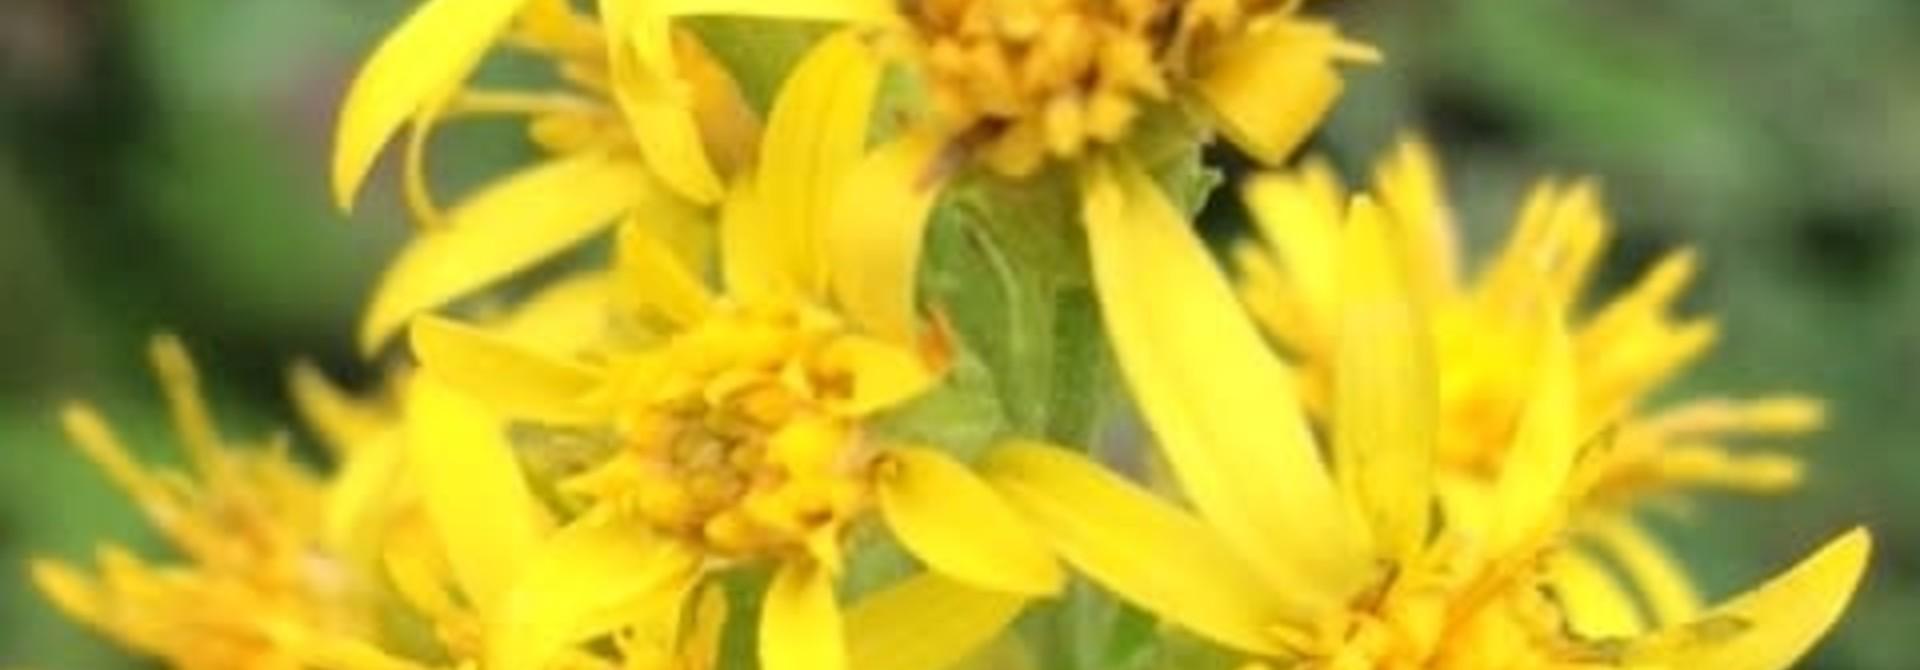 Guldenroede - zaden - per 10g